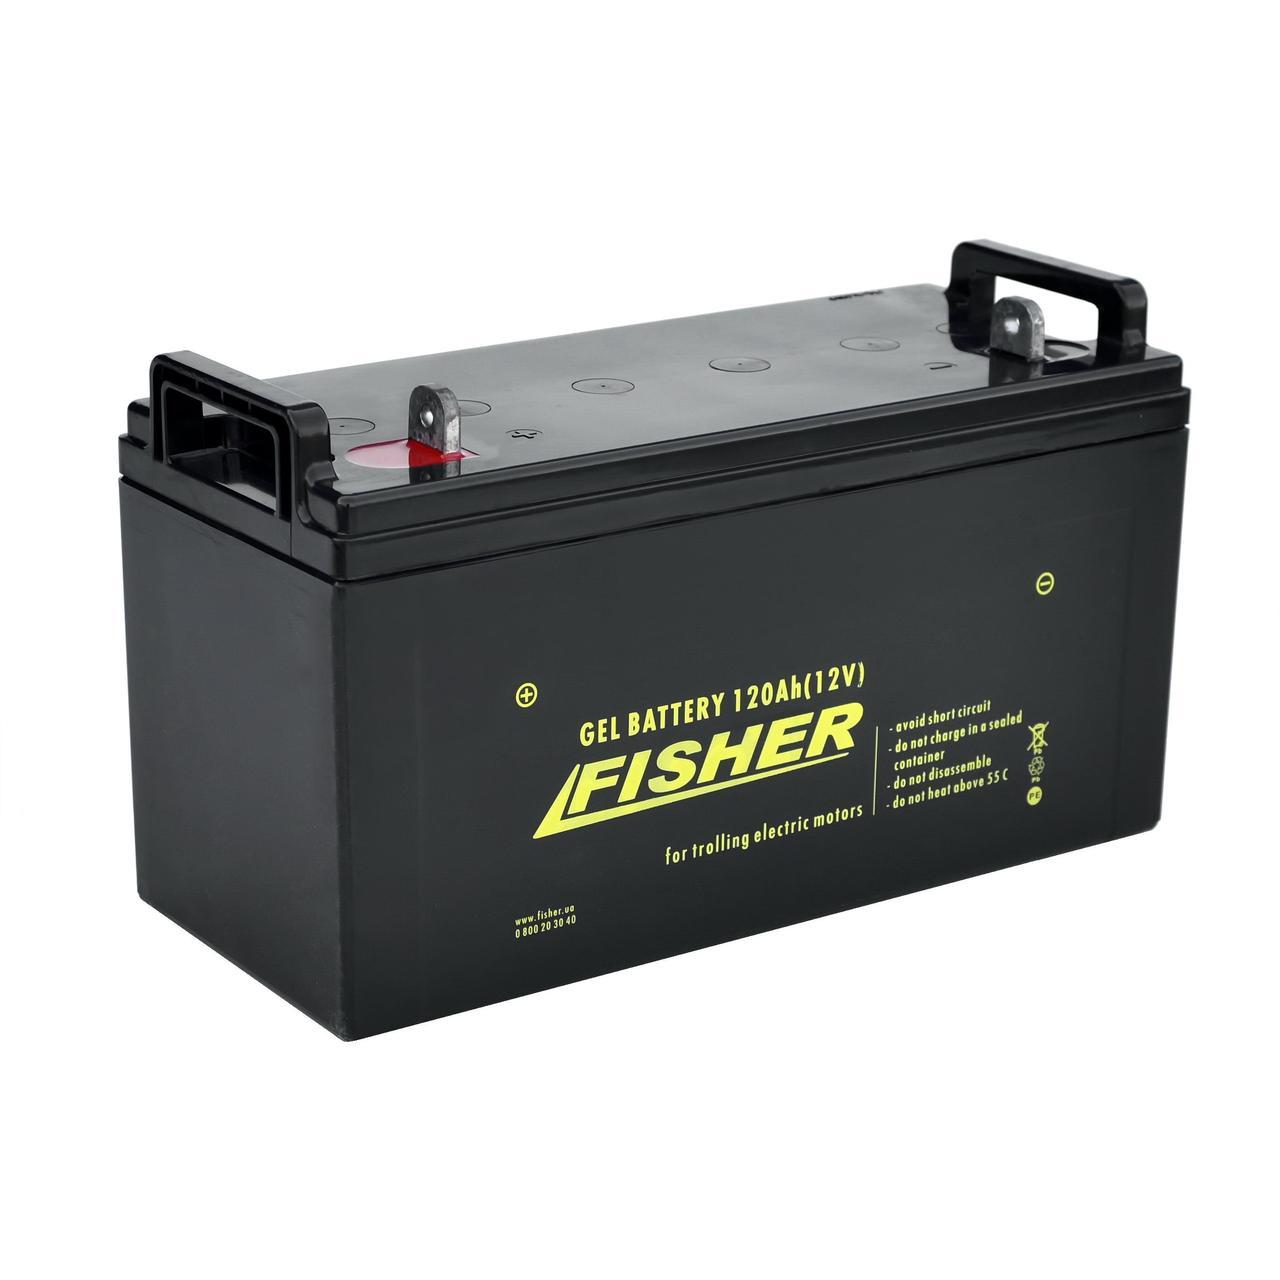 Гелевый аккумулятор 120Ah Fisher 12V